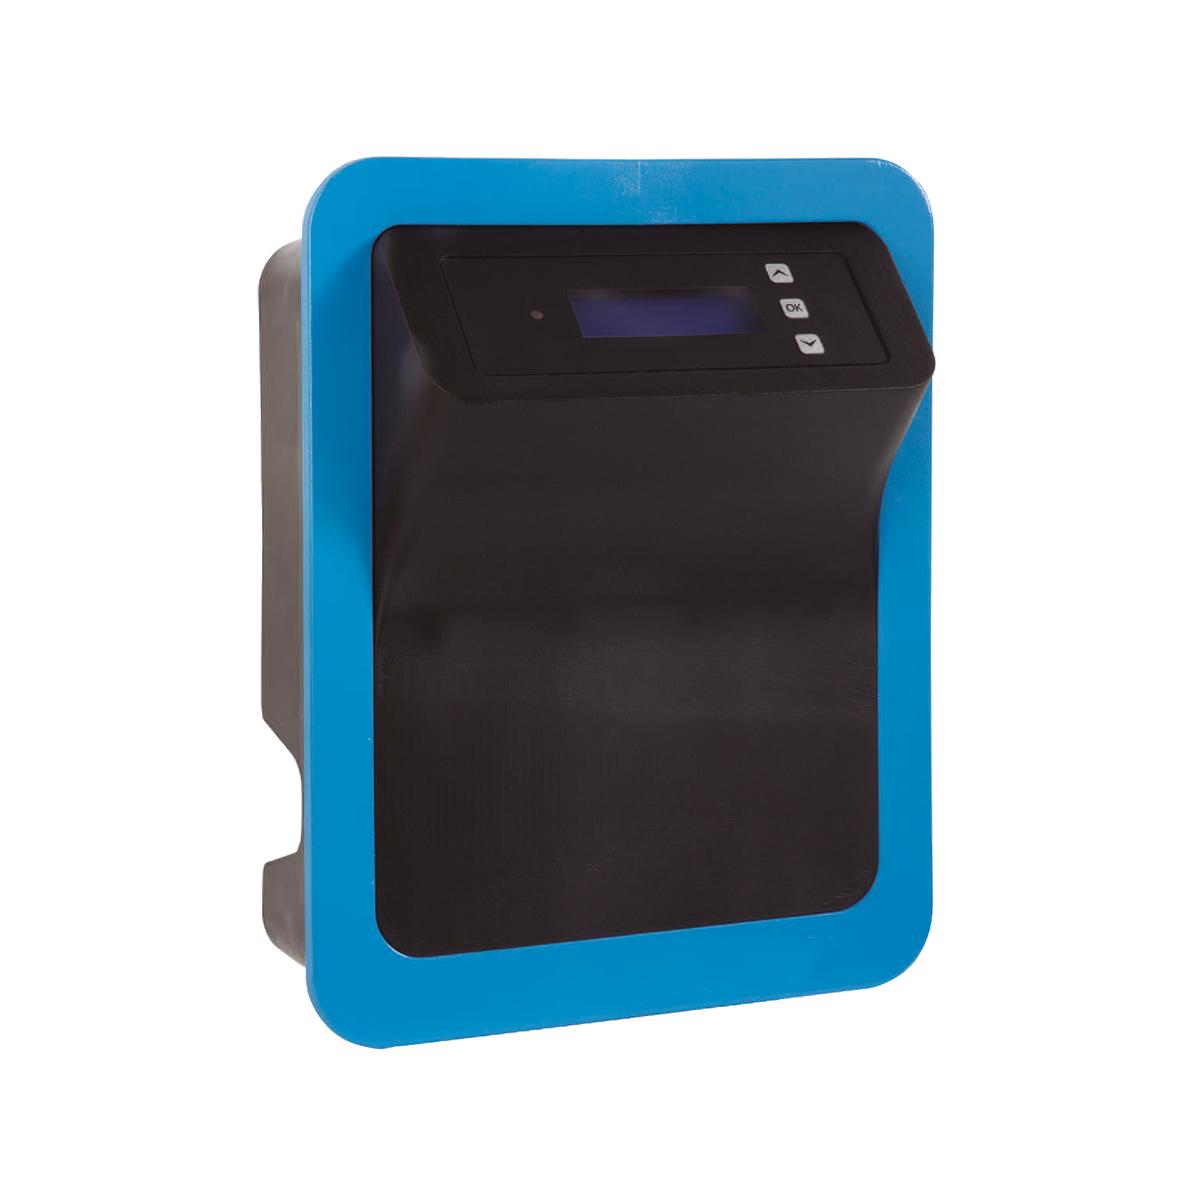 Smart Salzelektrolyseanlage ADVANCED-PRO MAGNESIUM 25g Mg/h selbstreinigende Zelle für private Pools bis 75m3 (Pumpenlaufzeit 8h) Smart Salzelektrolyseanlage ADVANCED-PRO MAGNESIUM 25g Mg/h selbstreinigende Zelle für private Pools bis 75m3 (Pumpenlaufzeit 8h)